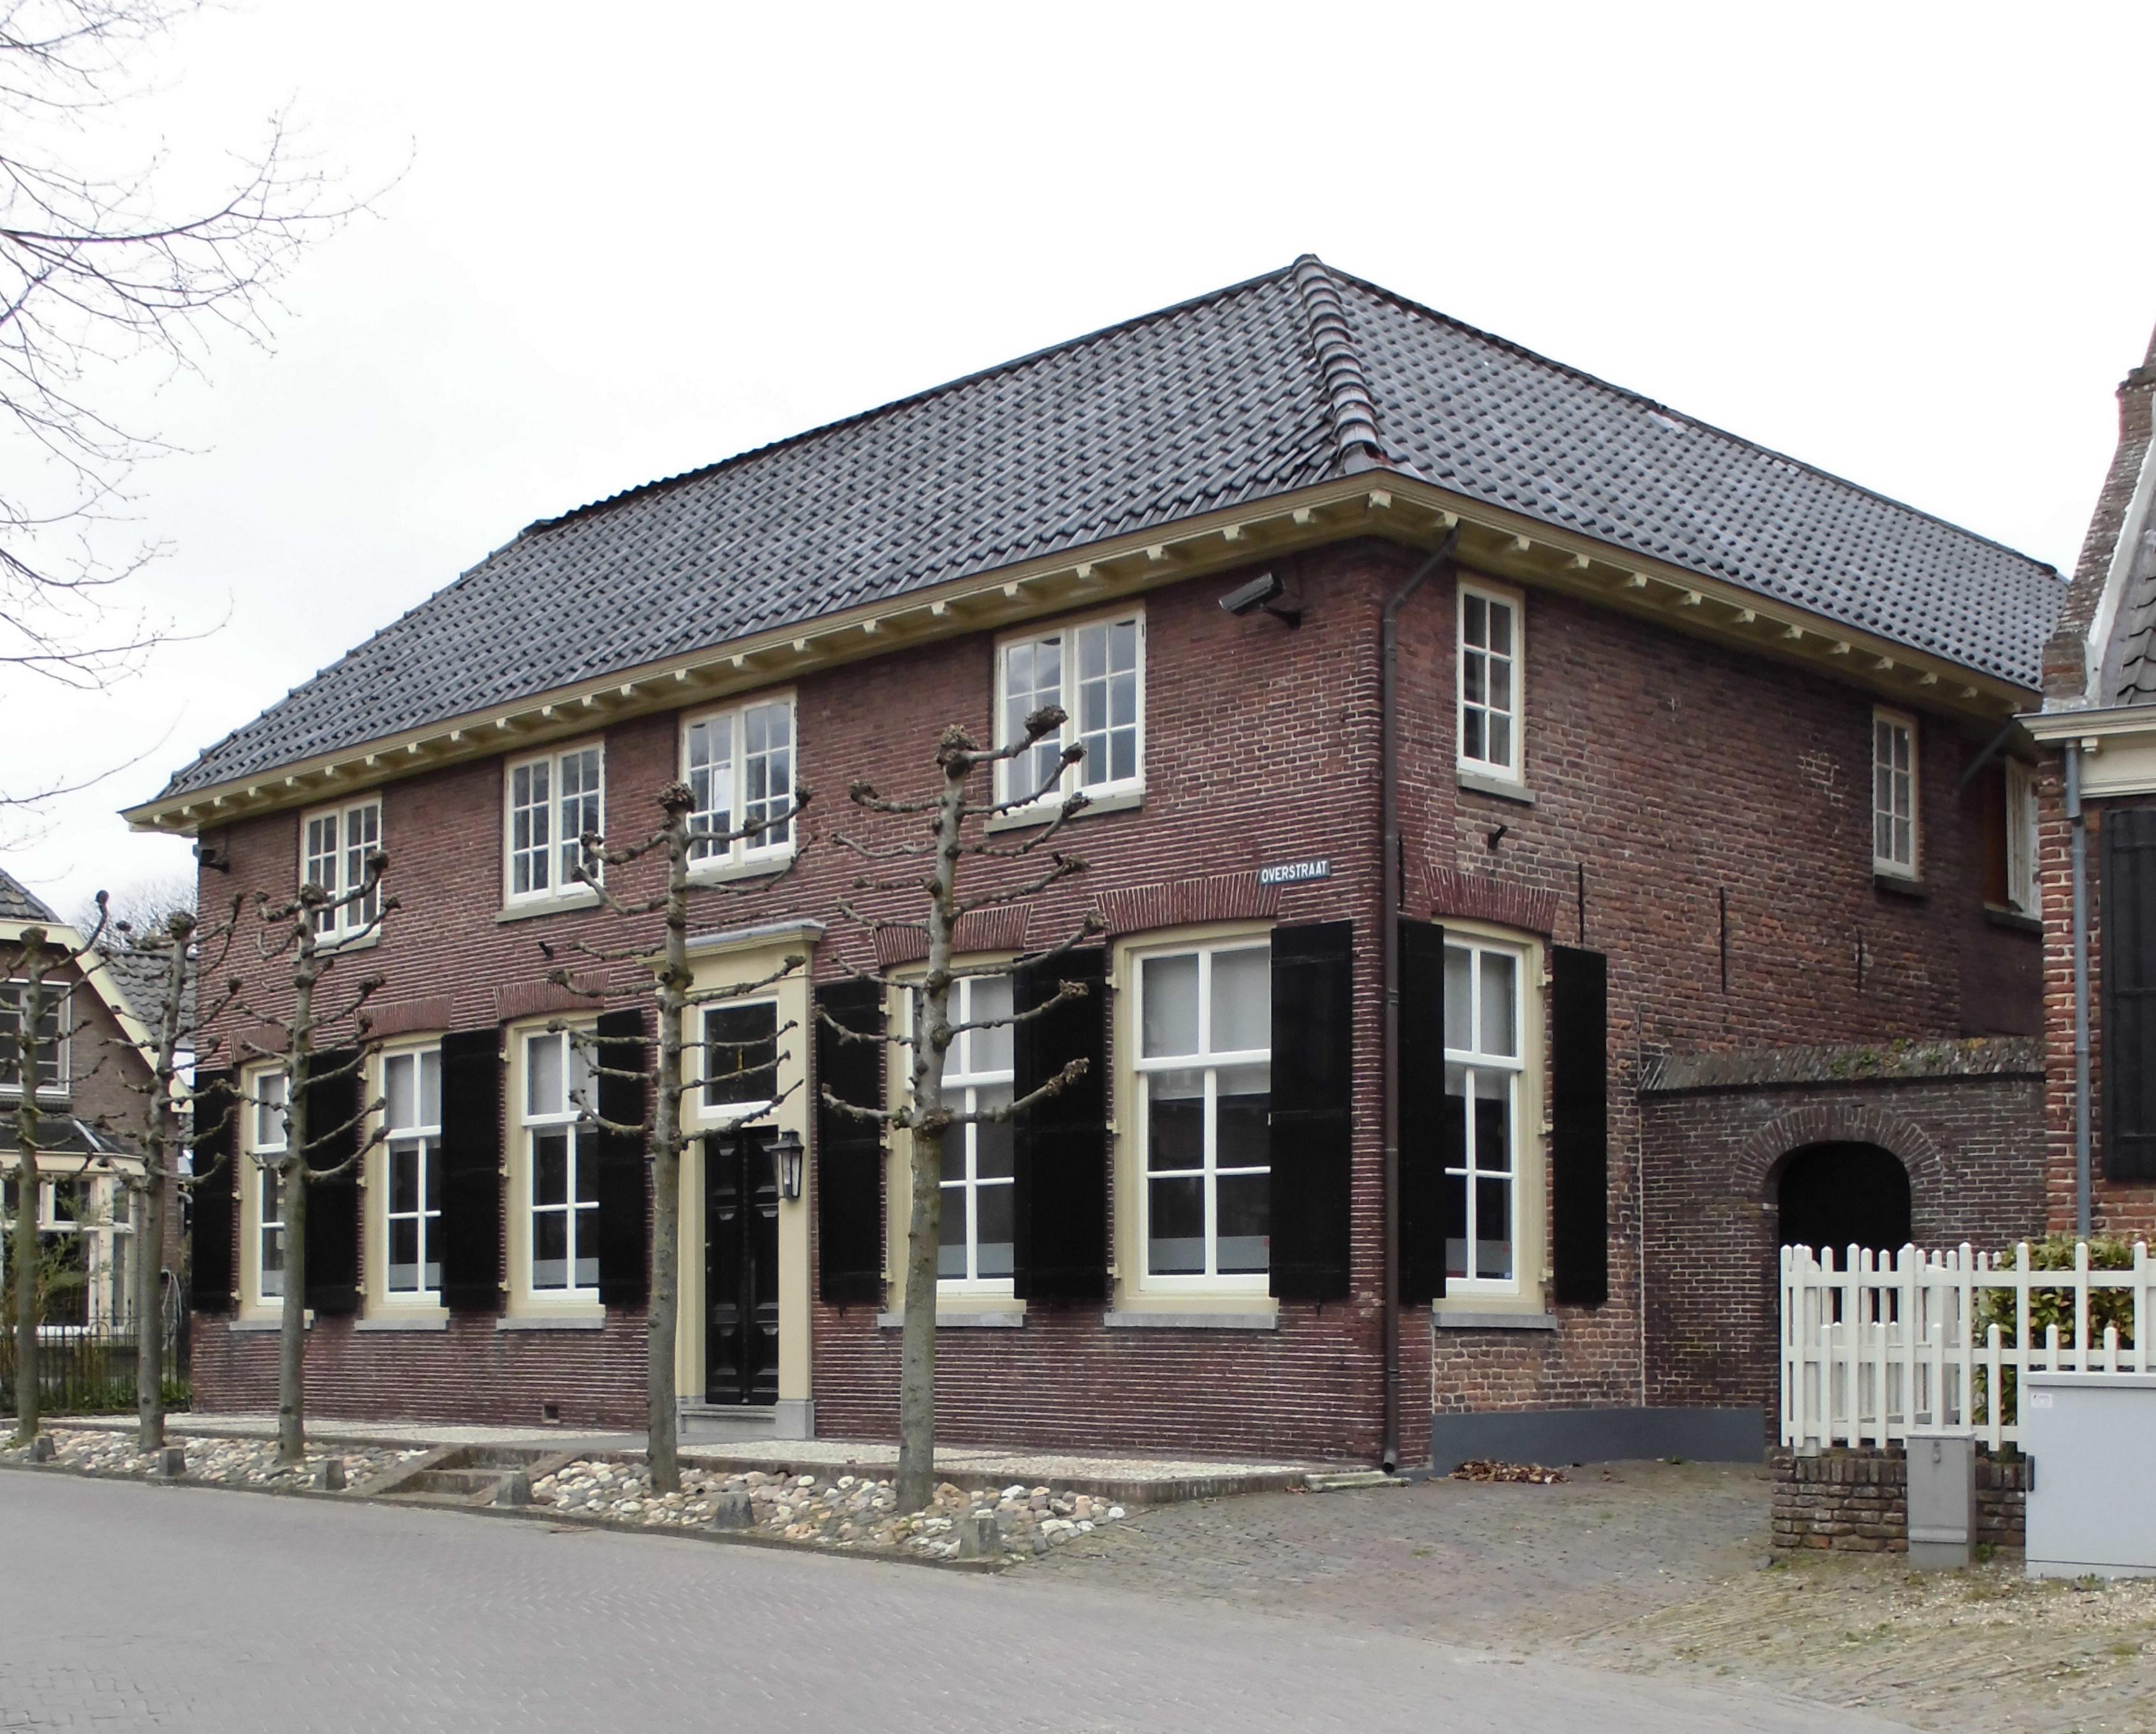 Huis met gevel met rechte kroonlijst in amerongen monument - Huis gevel ...